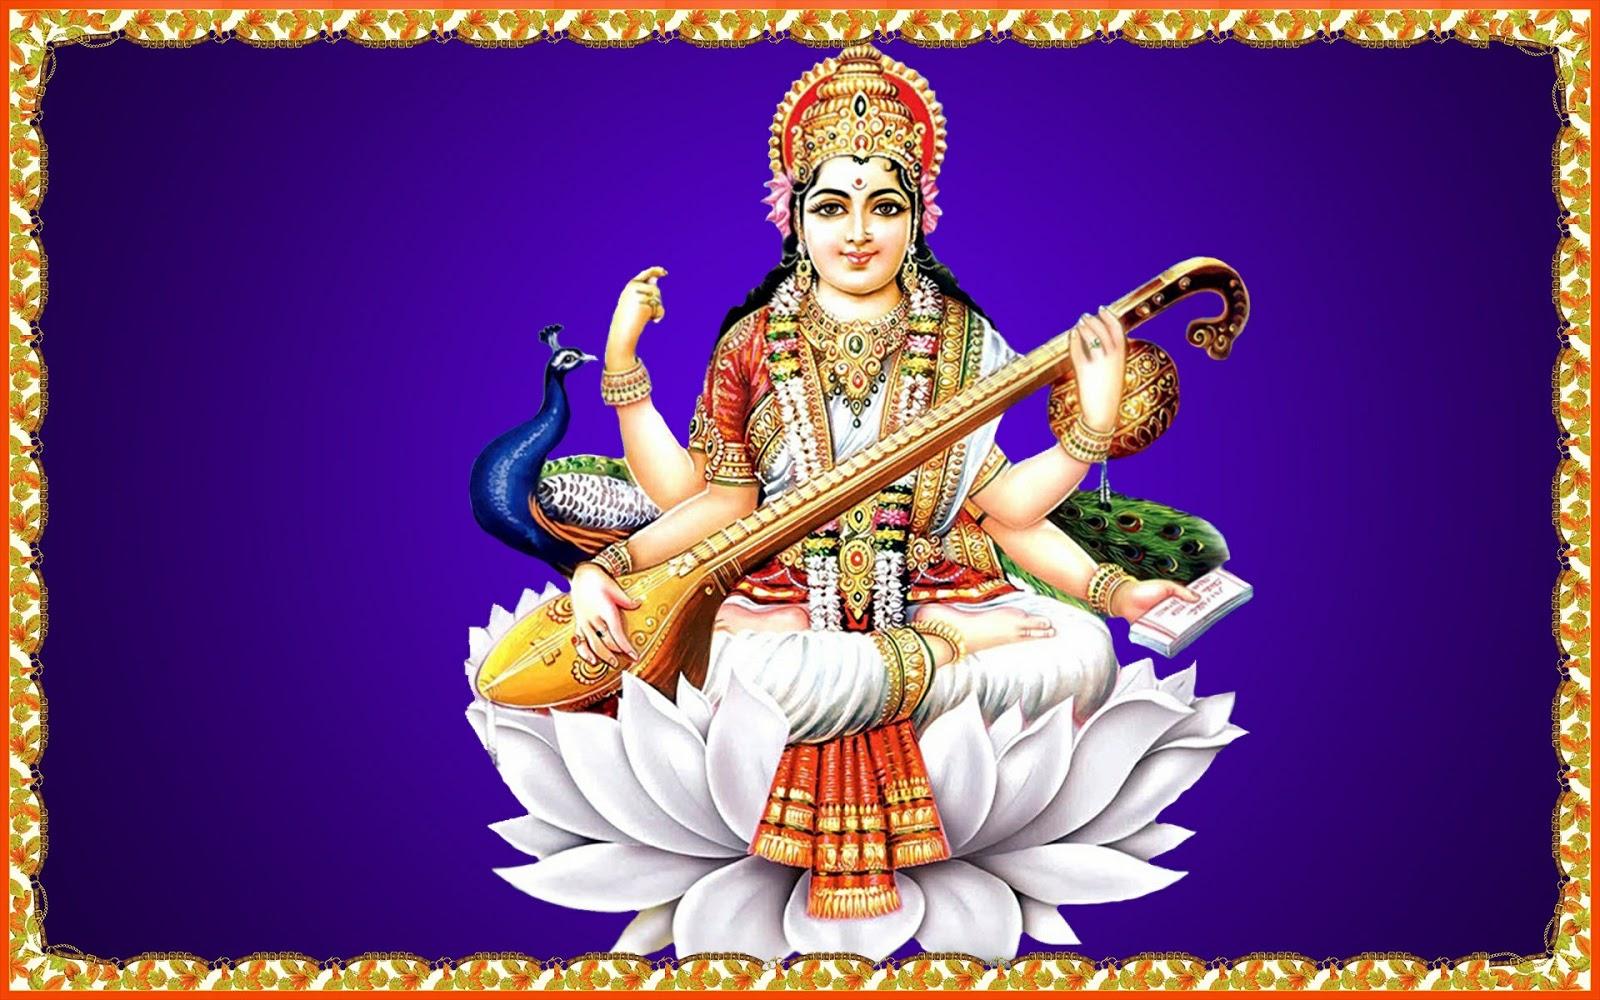 Ya Kundendu Tushaara Haara Dhavalaa -Saraswati Sloka Lyrics